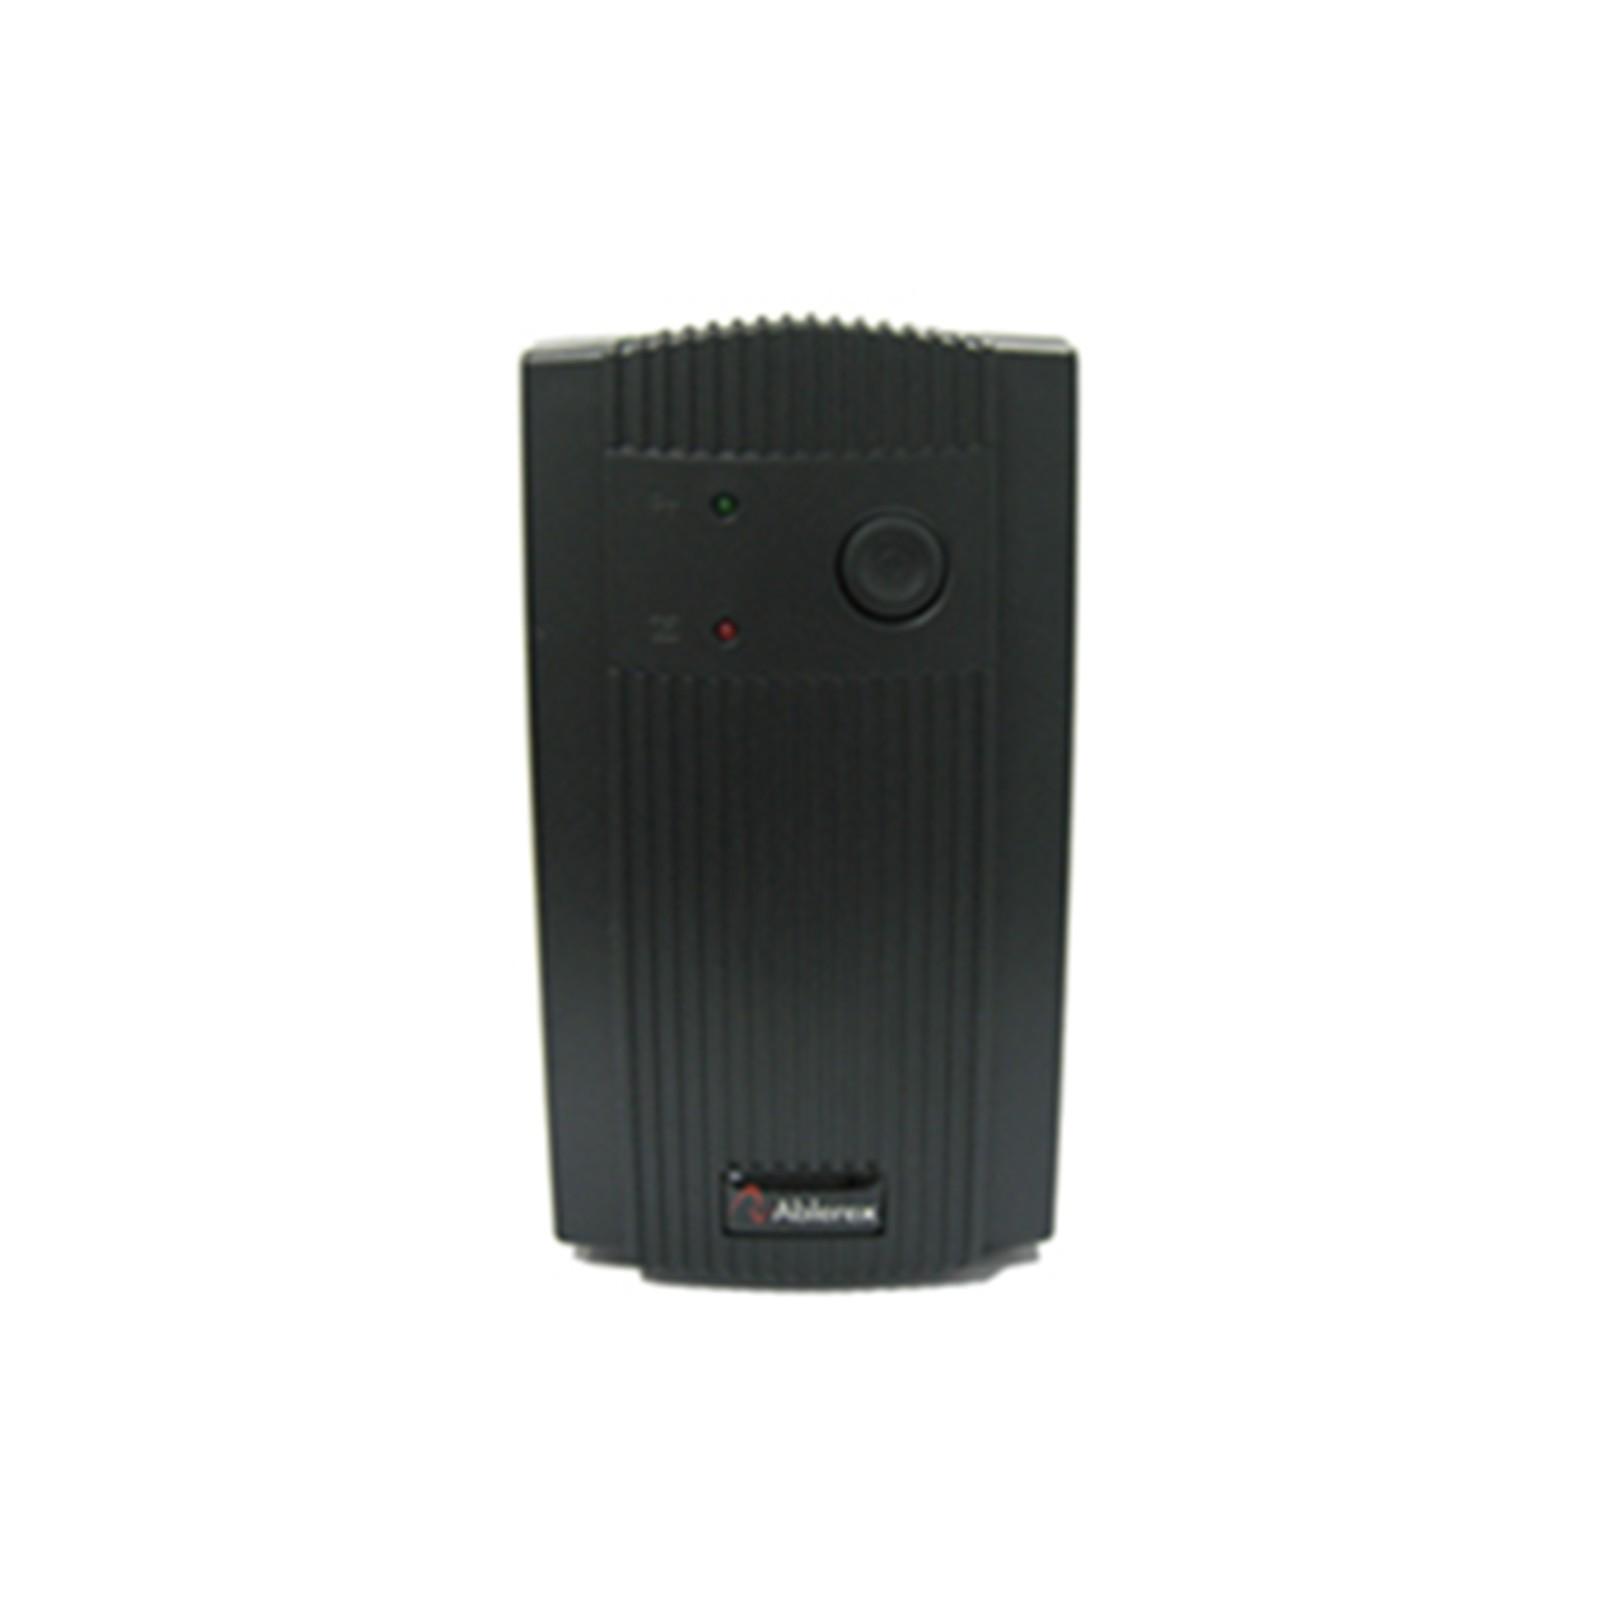 Single -phase 600VA / 300W UPS - UPSK600LI